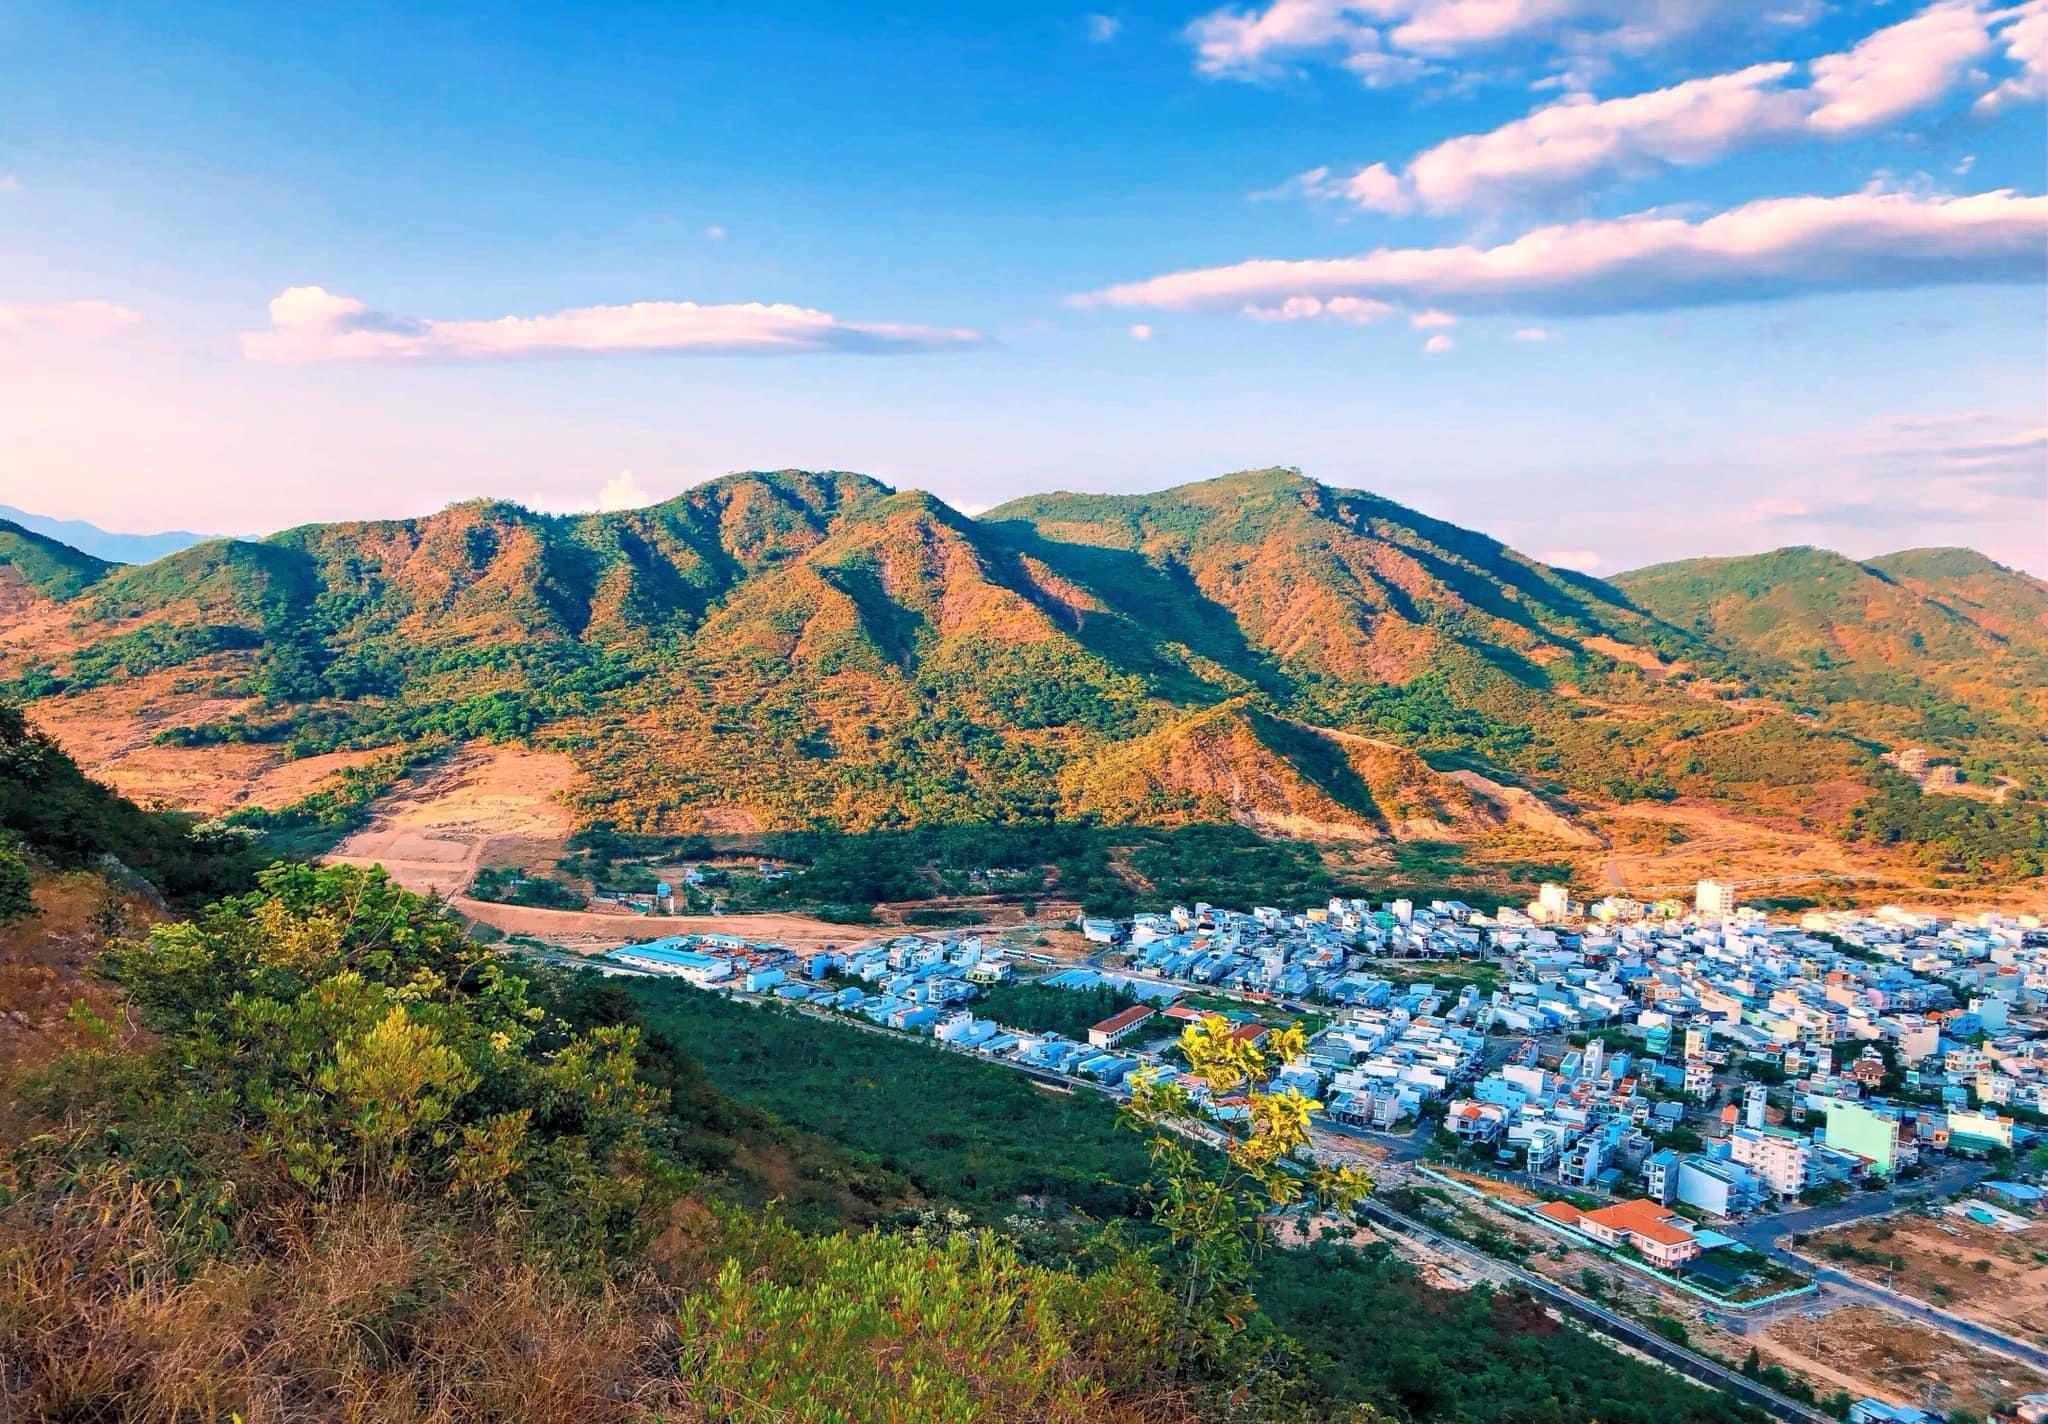 Tour du lịch Nha Trang khởi hành từ Hà Nội: Giảm giá sốc nhiều gói tour trong dịp hè này  - Ảnh 7.